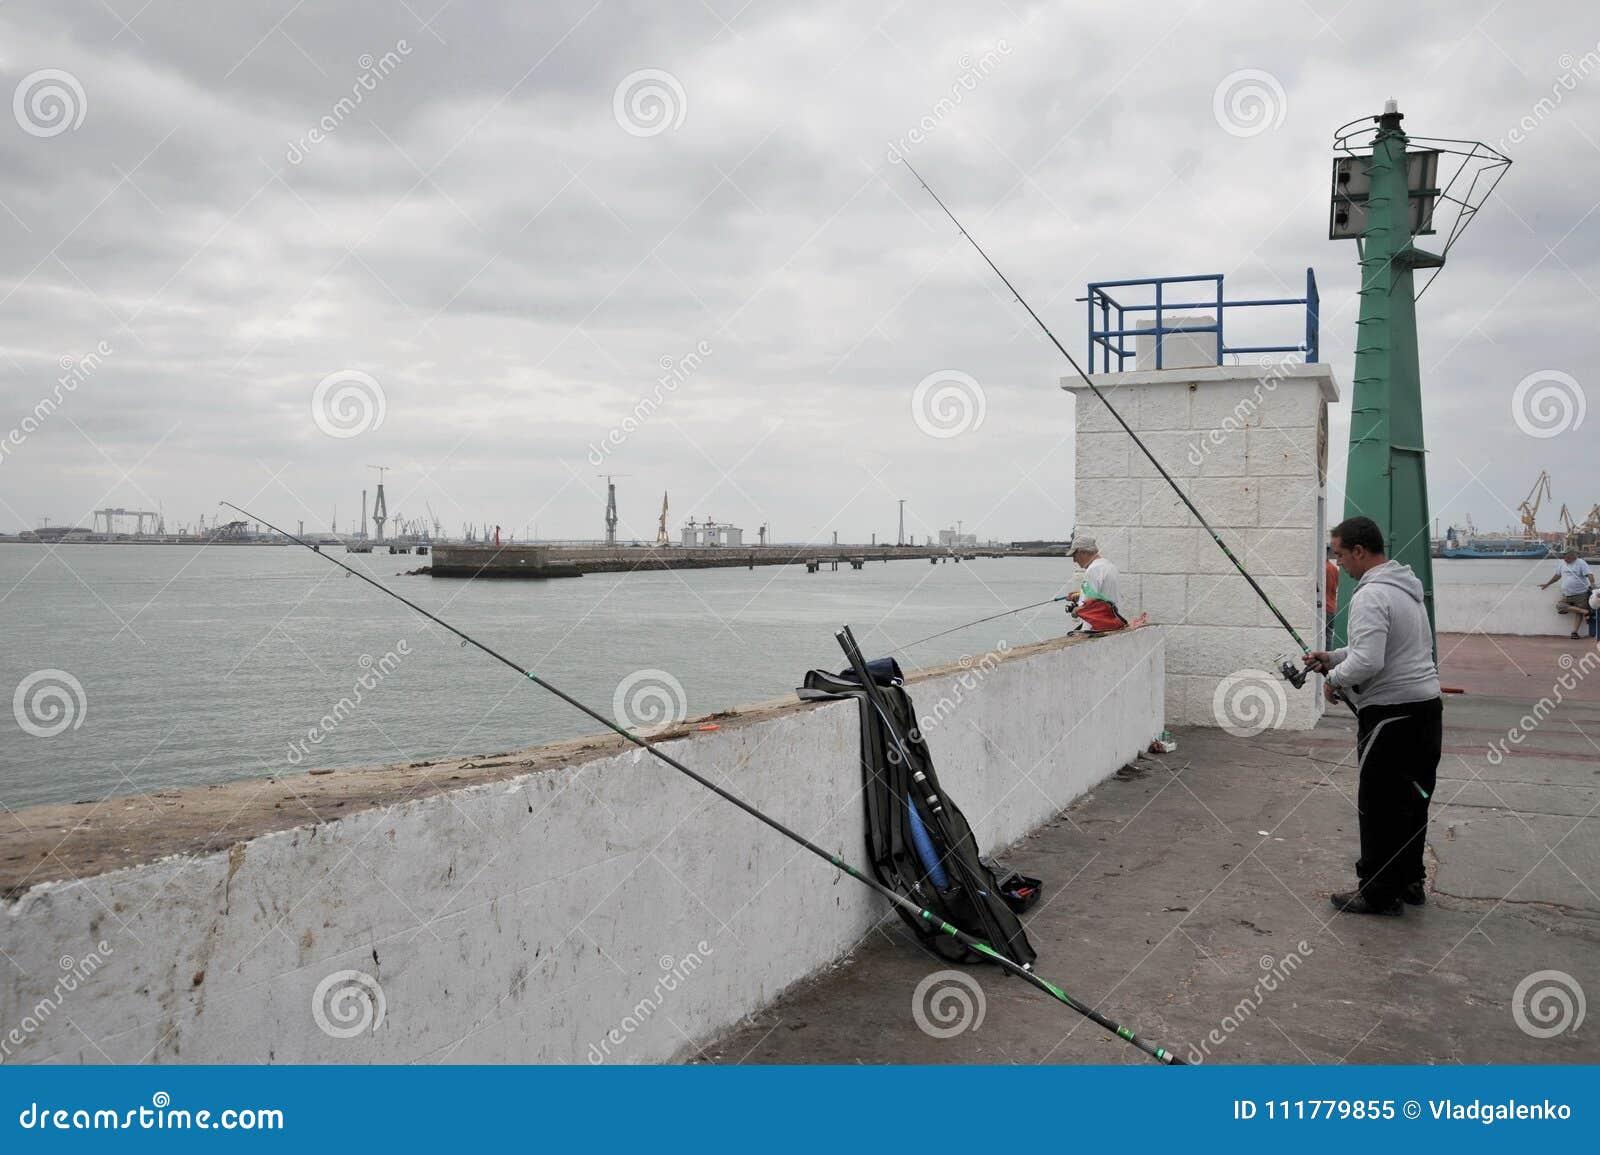 Les pêcheurs pêchent dans le port du port maritime de Cadix